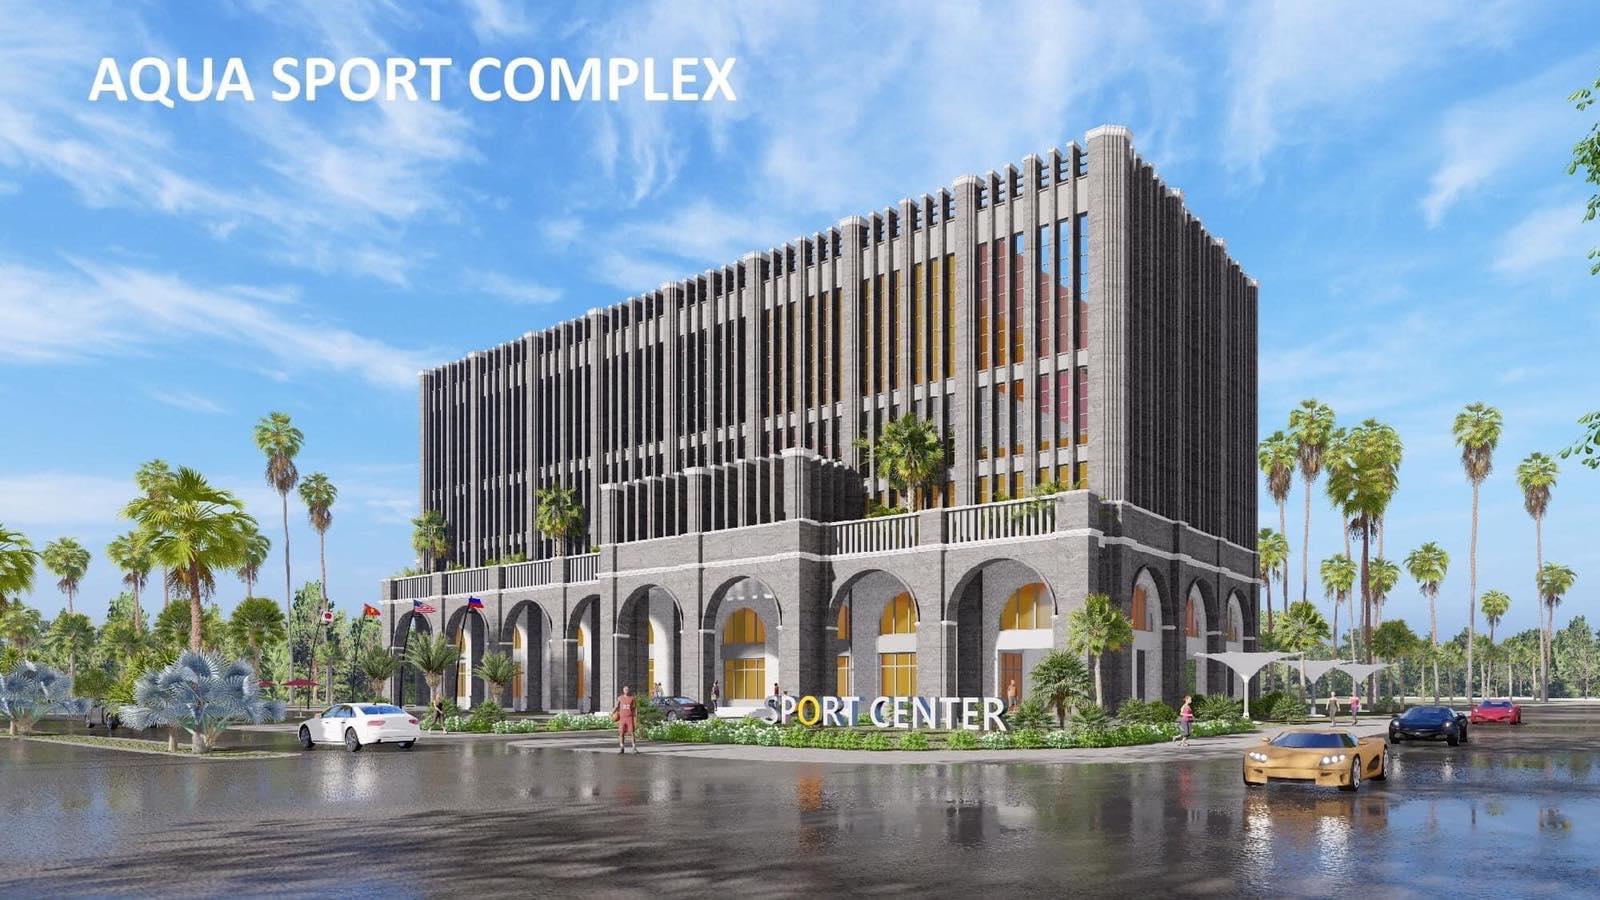 Trung tâm thể thao thể thao đa năng Aqua Sport Complex